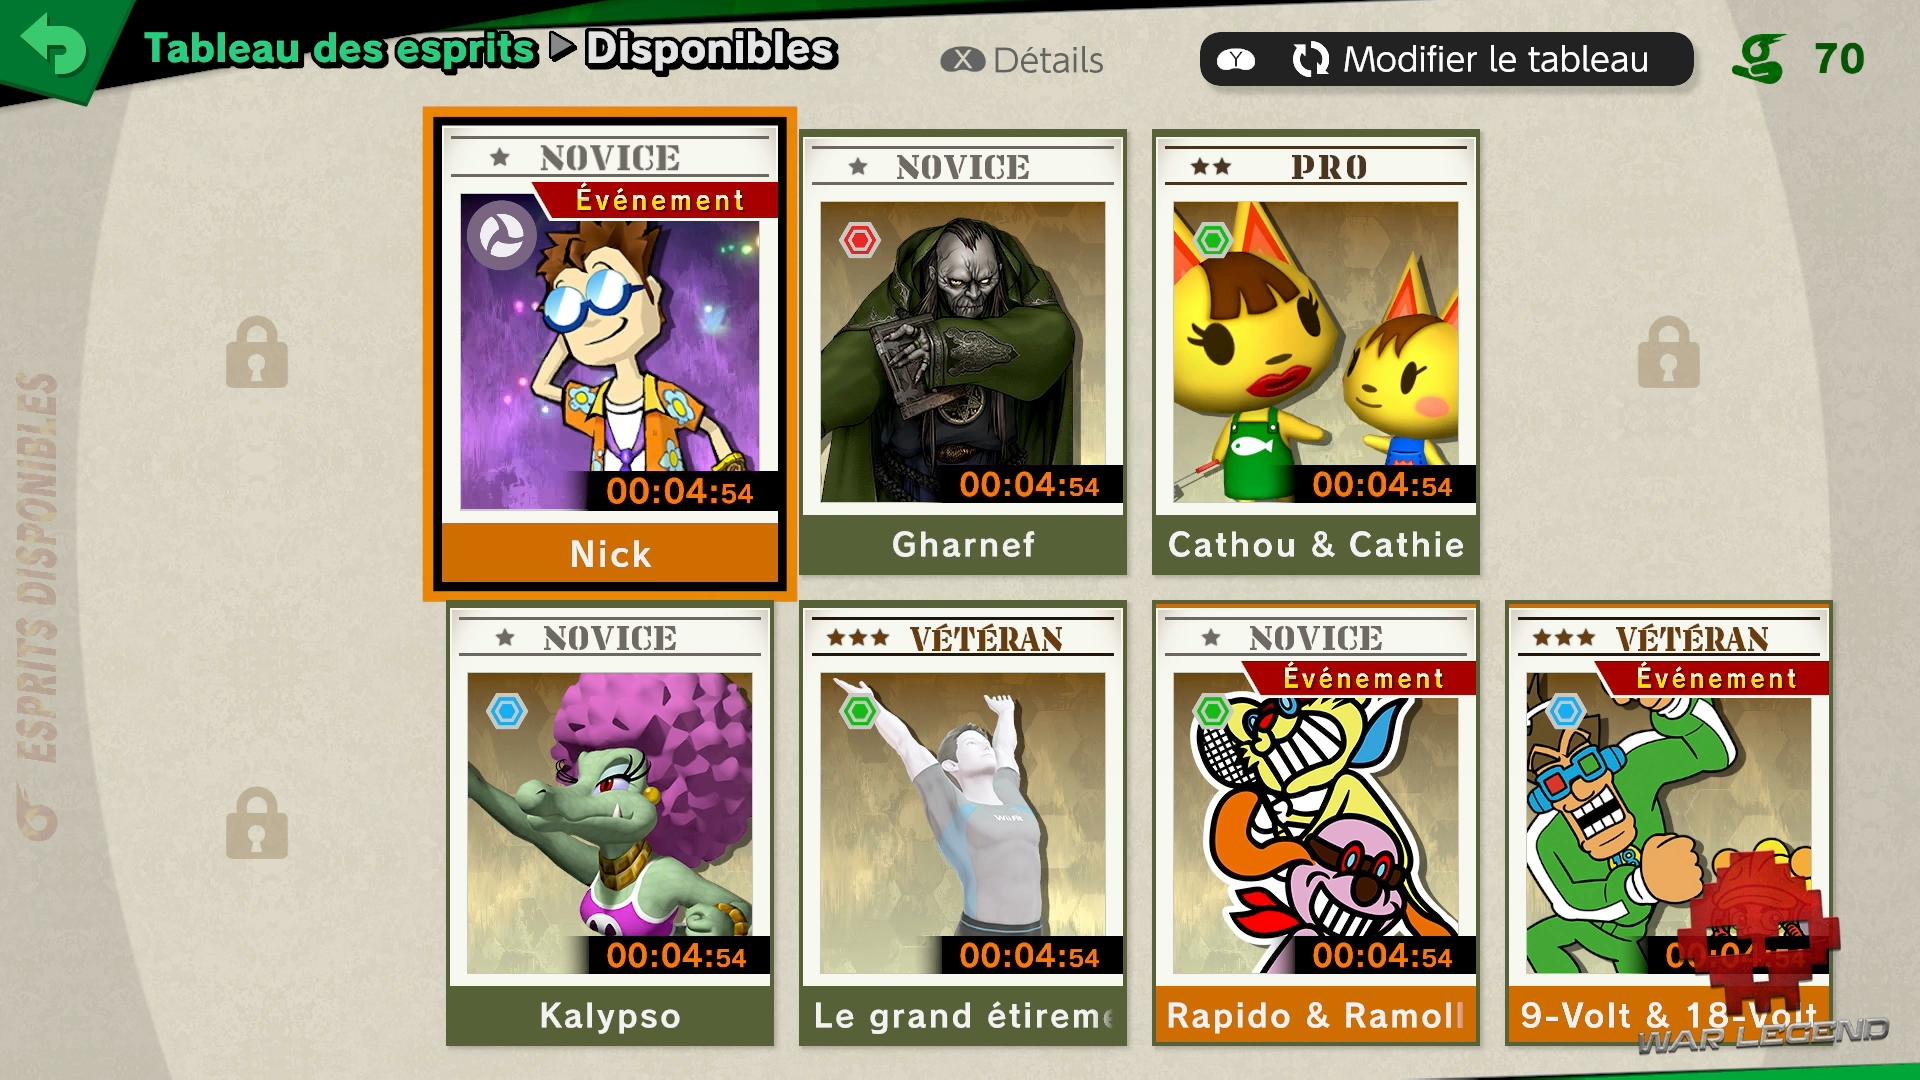 Test Super Smash Bros. Ultimate Tableau des Esprits